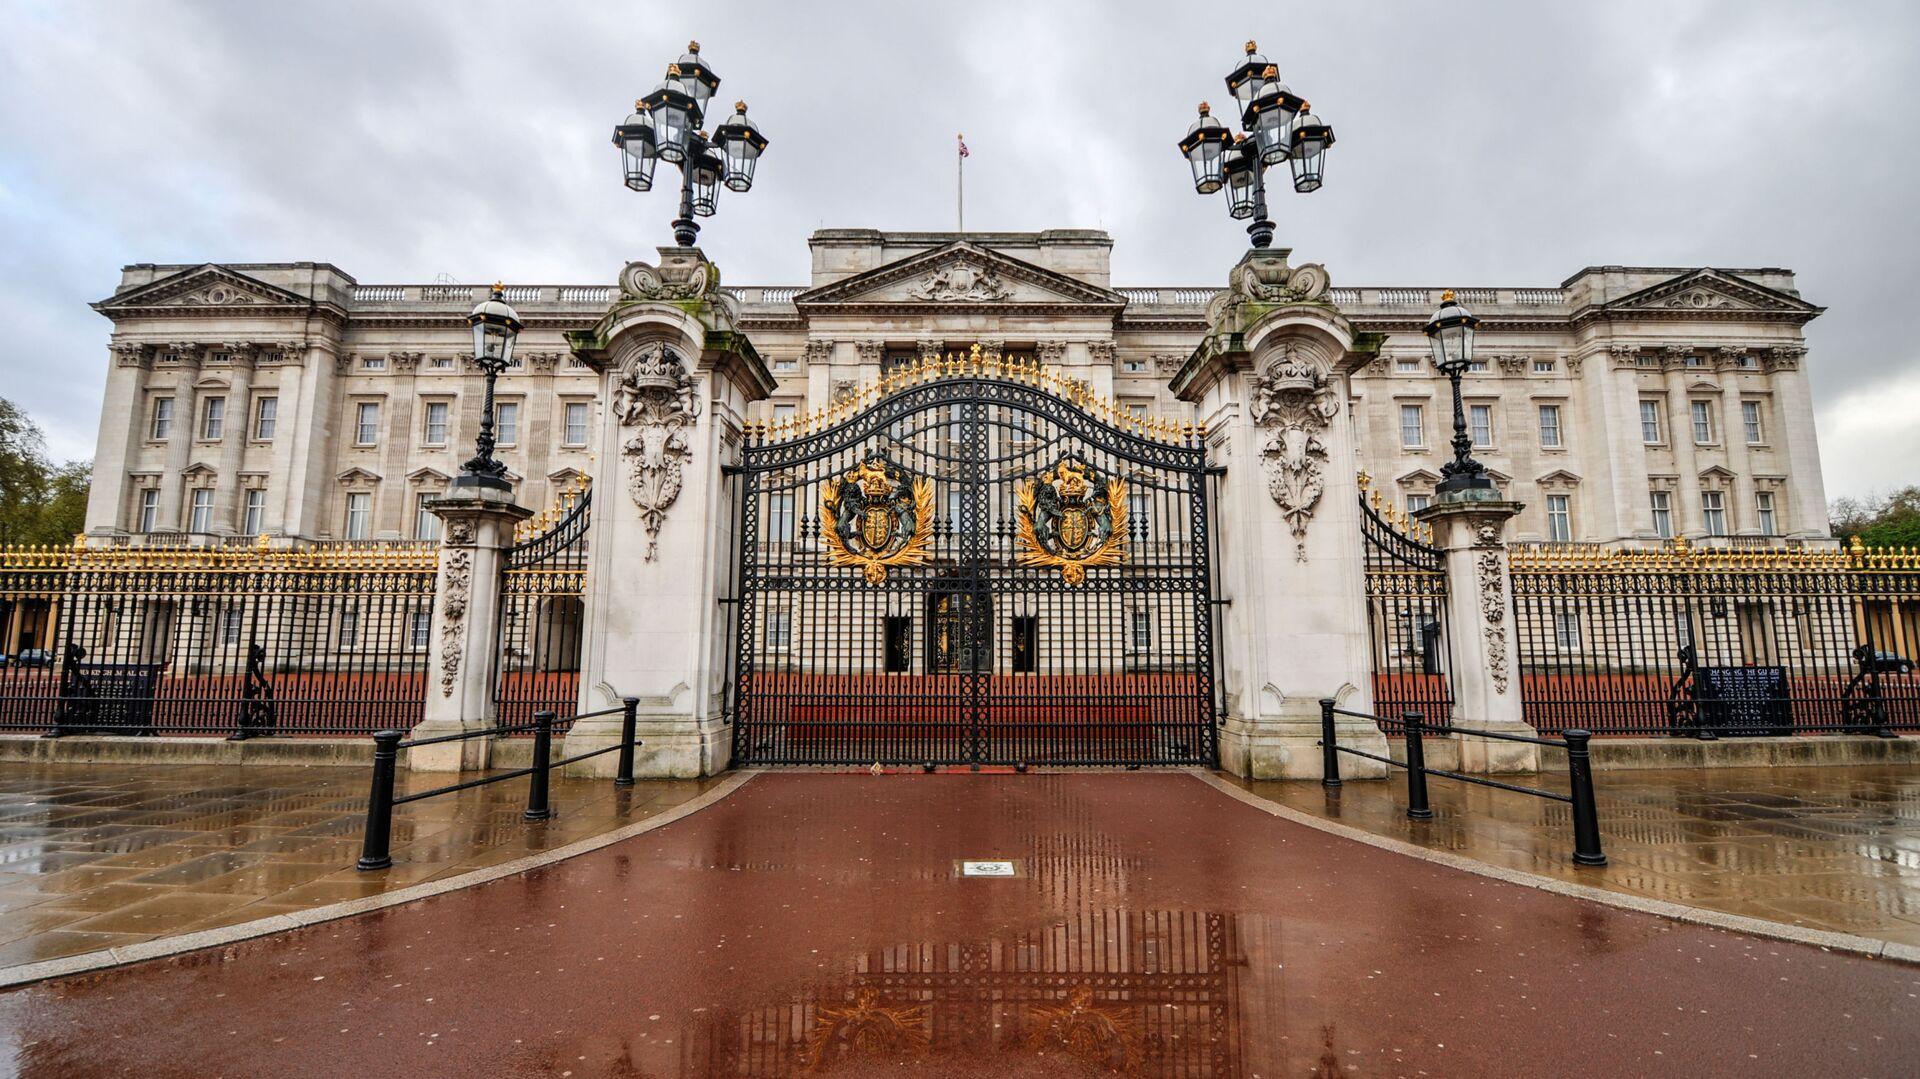 Buckinghamský palác - Sputnik Česká republika, 1920, 02.08.2021